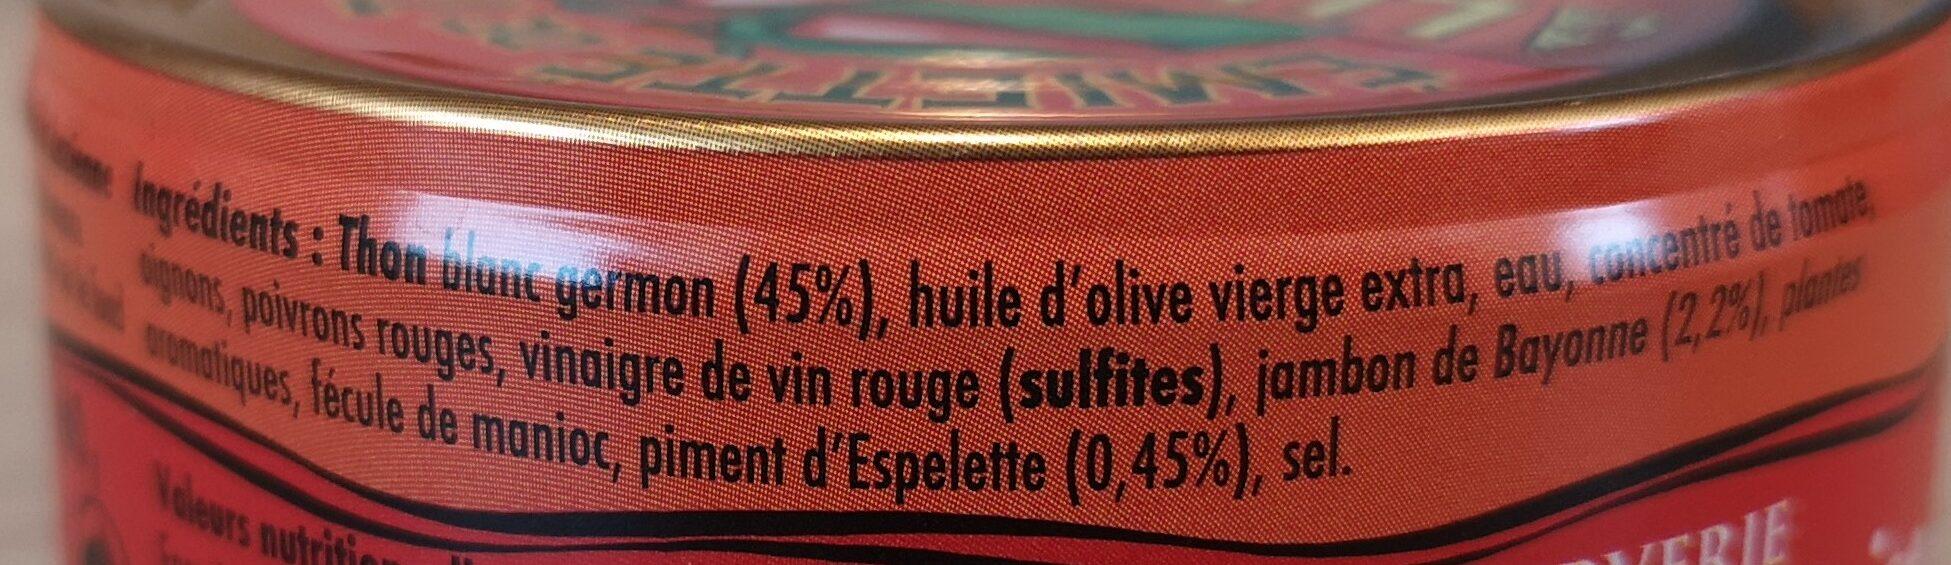 Emietté de thon à la Luzienne (Piment d'Espelette, jambon de Bayonne) - Ingrédients